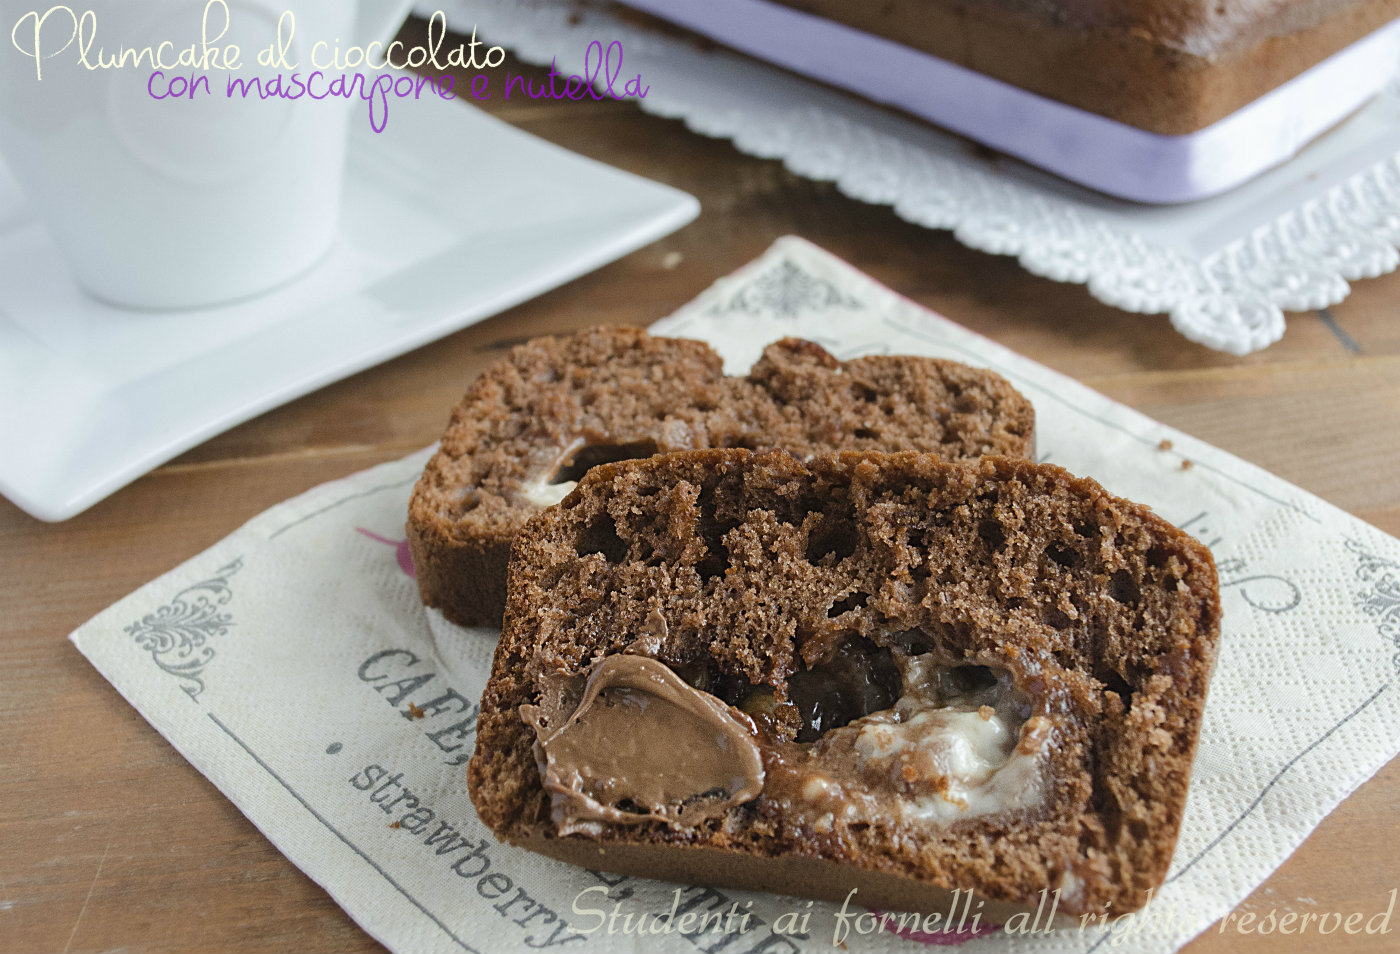 plumcake al cioccolato nutella e mascarpone con cuore morbido ricetta dolce colazione e merenda